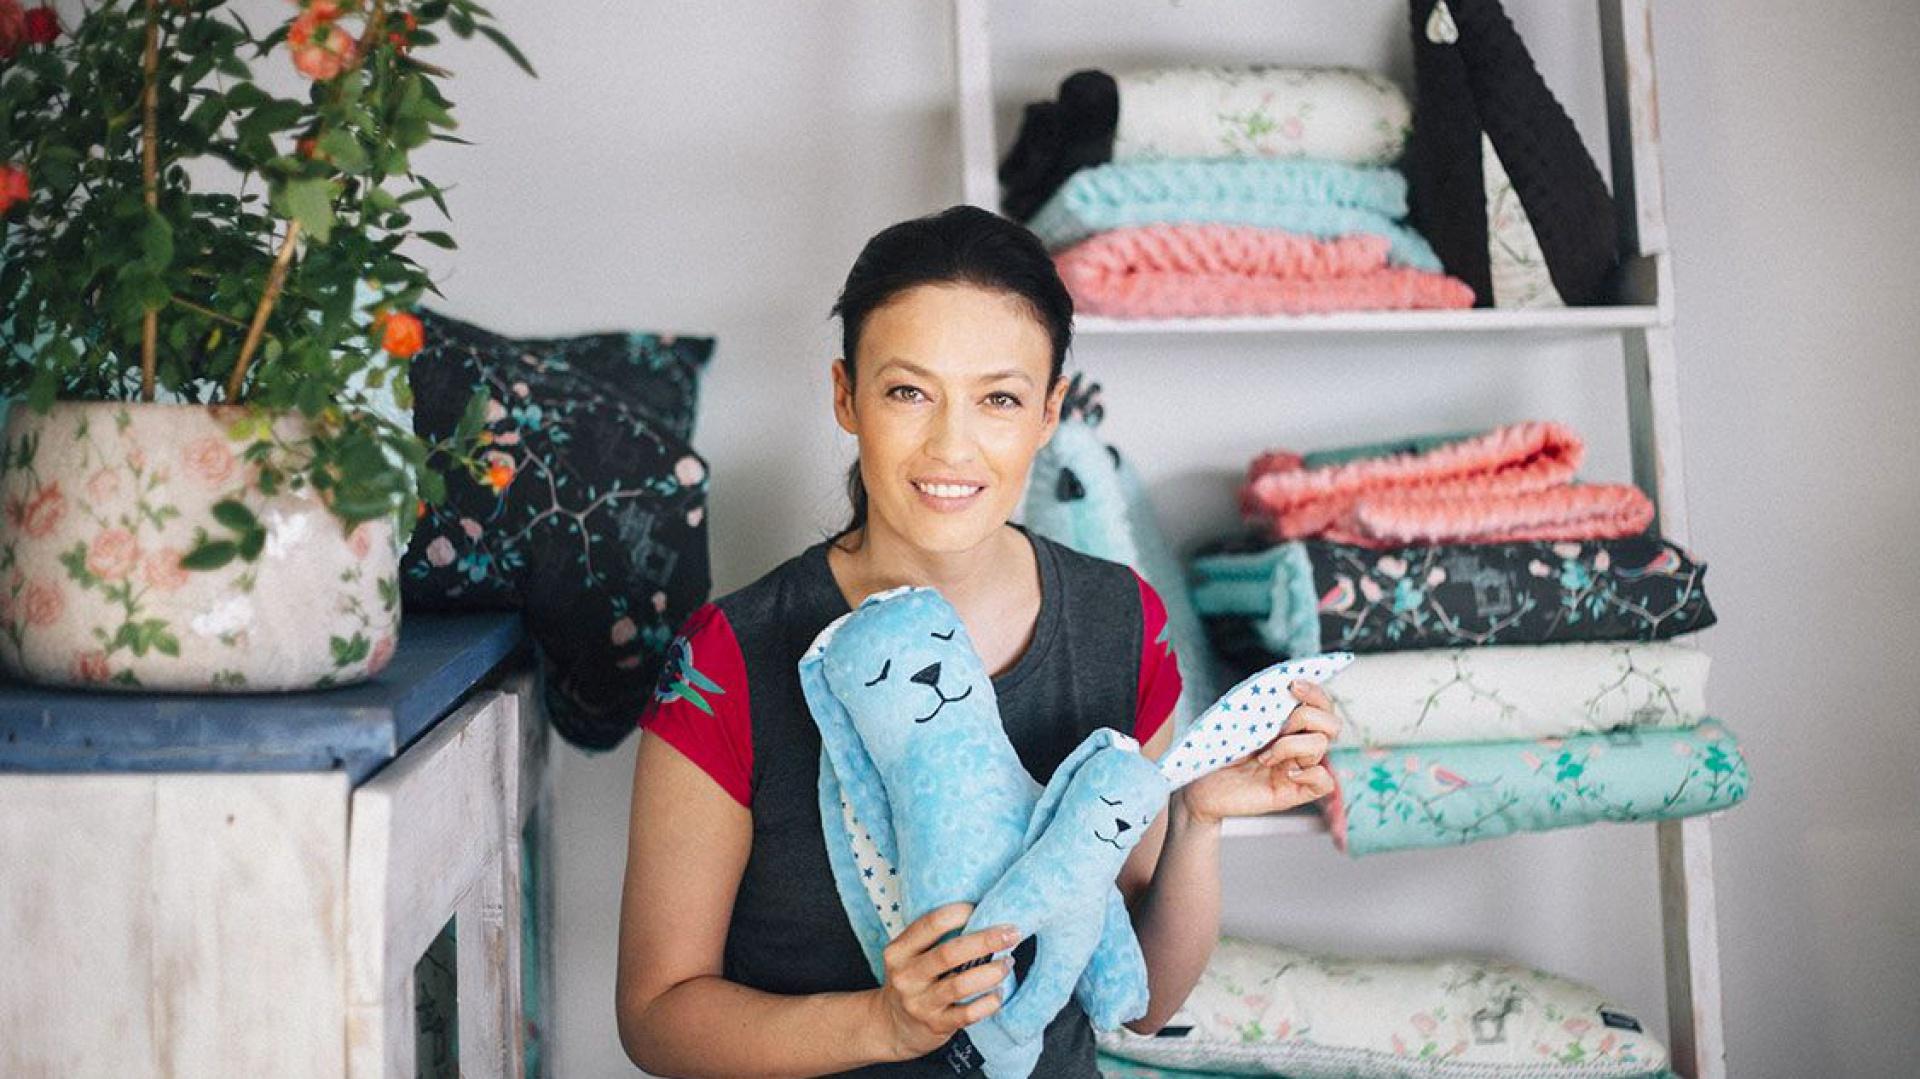 Kolekcje sygnowane nazwiskiem Magdaleny Różczki powstały we współpracy z projektantami marki La Millou. Znajdziemy w niej koce, pościel czy oryginalne poduszki. Fot. Westwing.